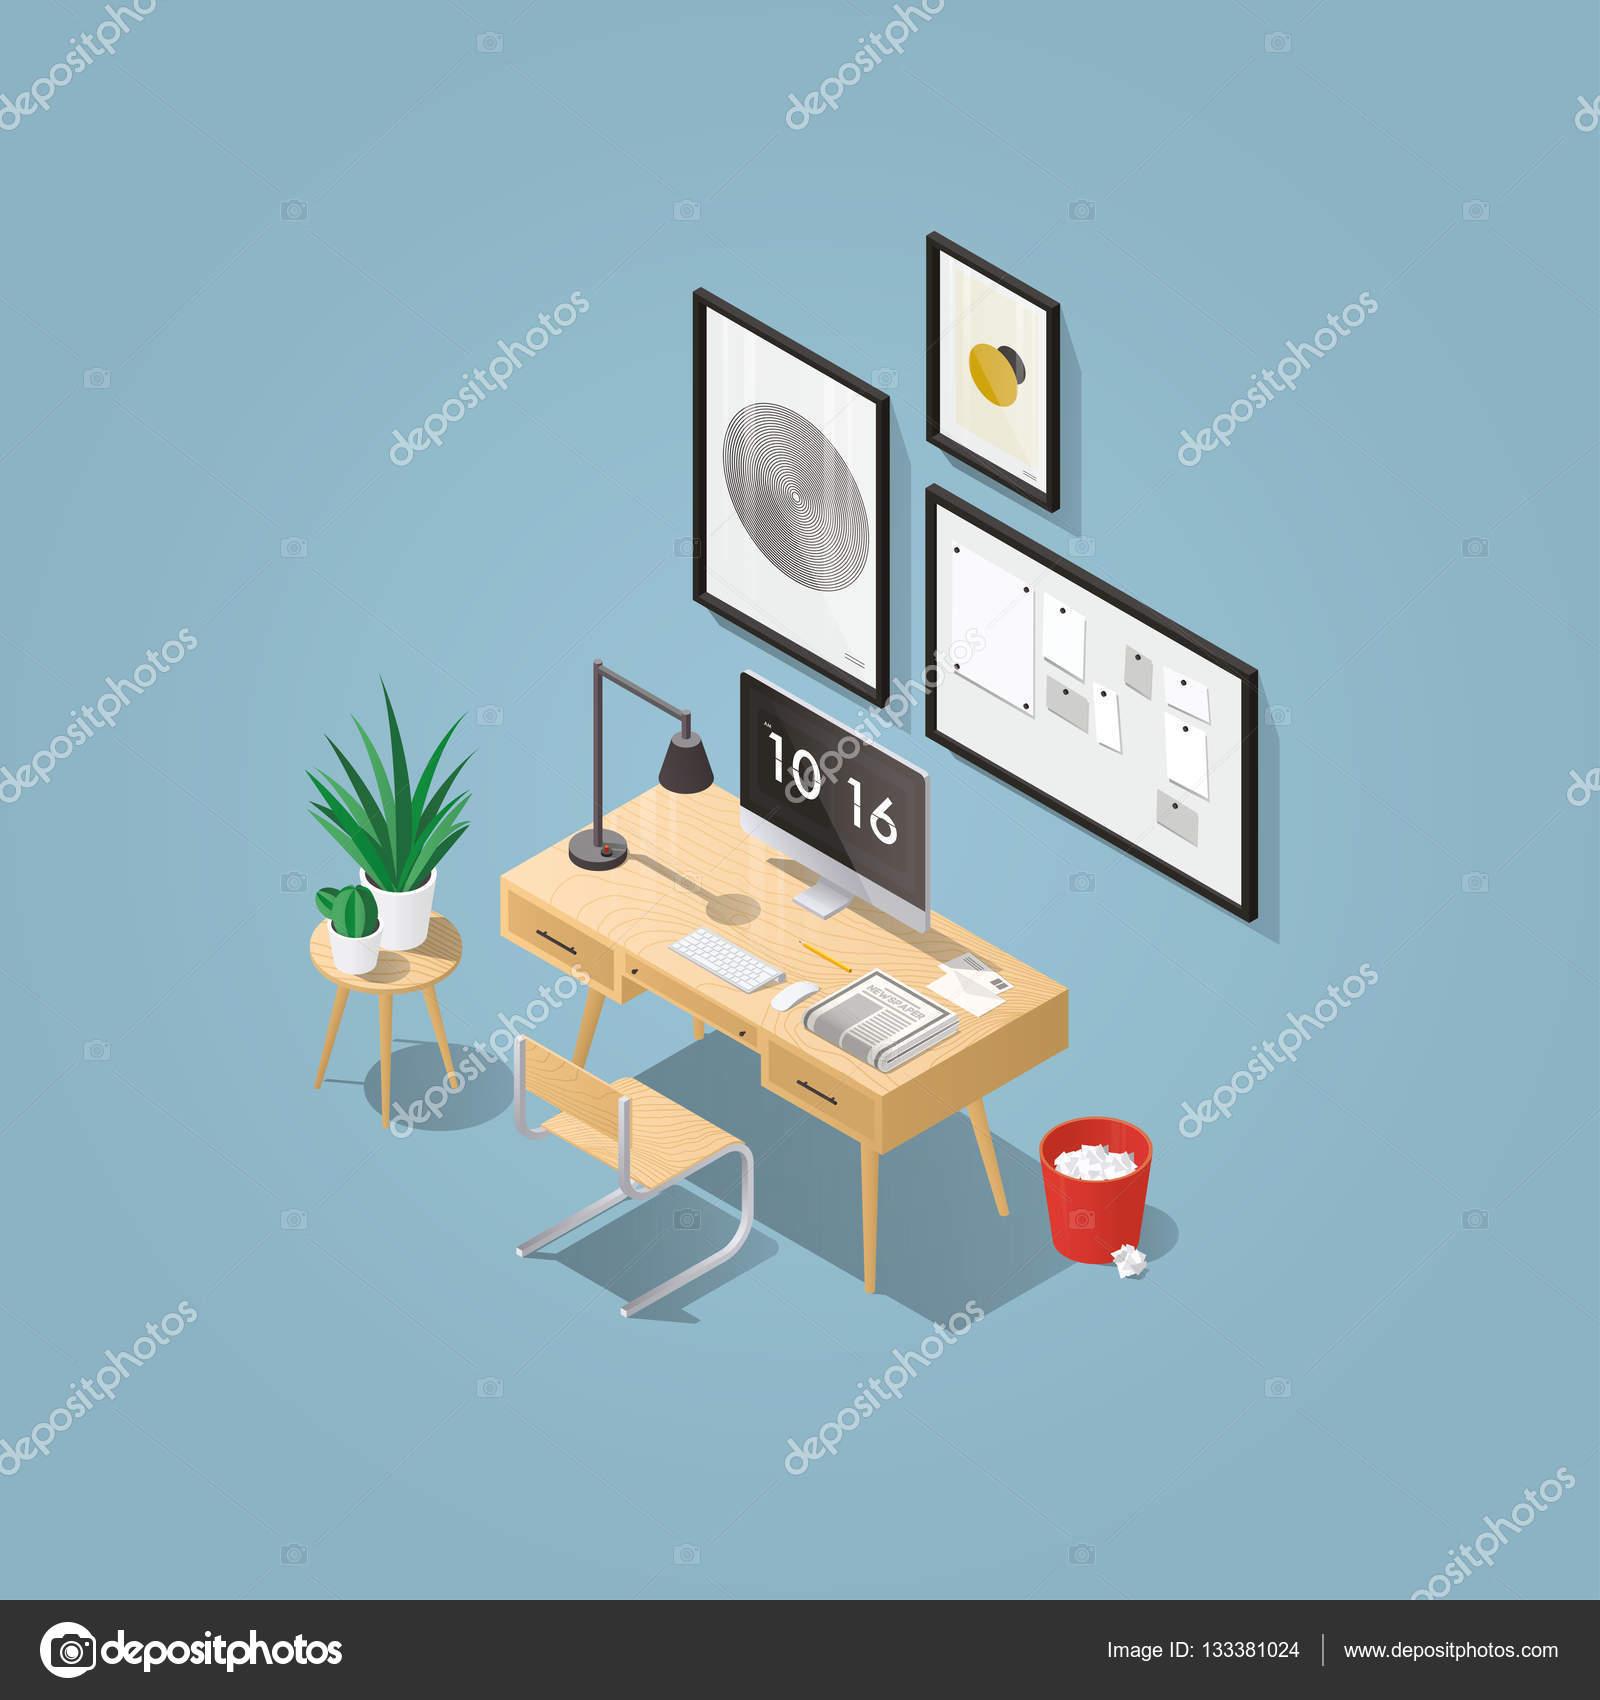 Arbeitsplatz Bühnenbild: Mitte Jahrhundert Bürotisch, Moderner Stuhl,  Bilder, Board, Pflanzen, Desktop Computer, Lampe, Mülleimer, Buchstaben, ...